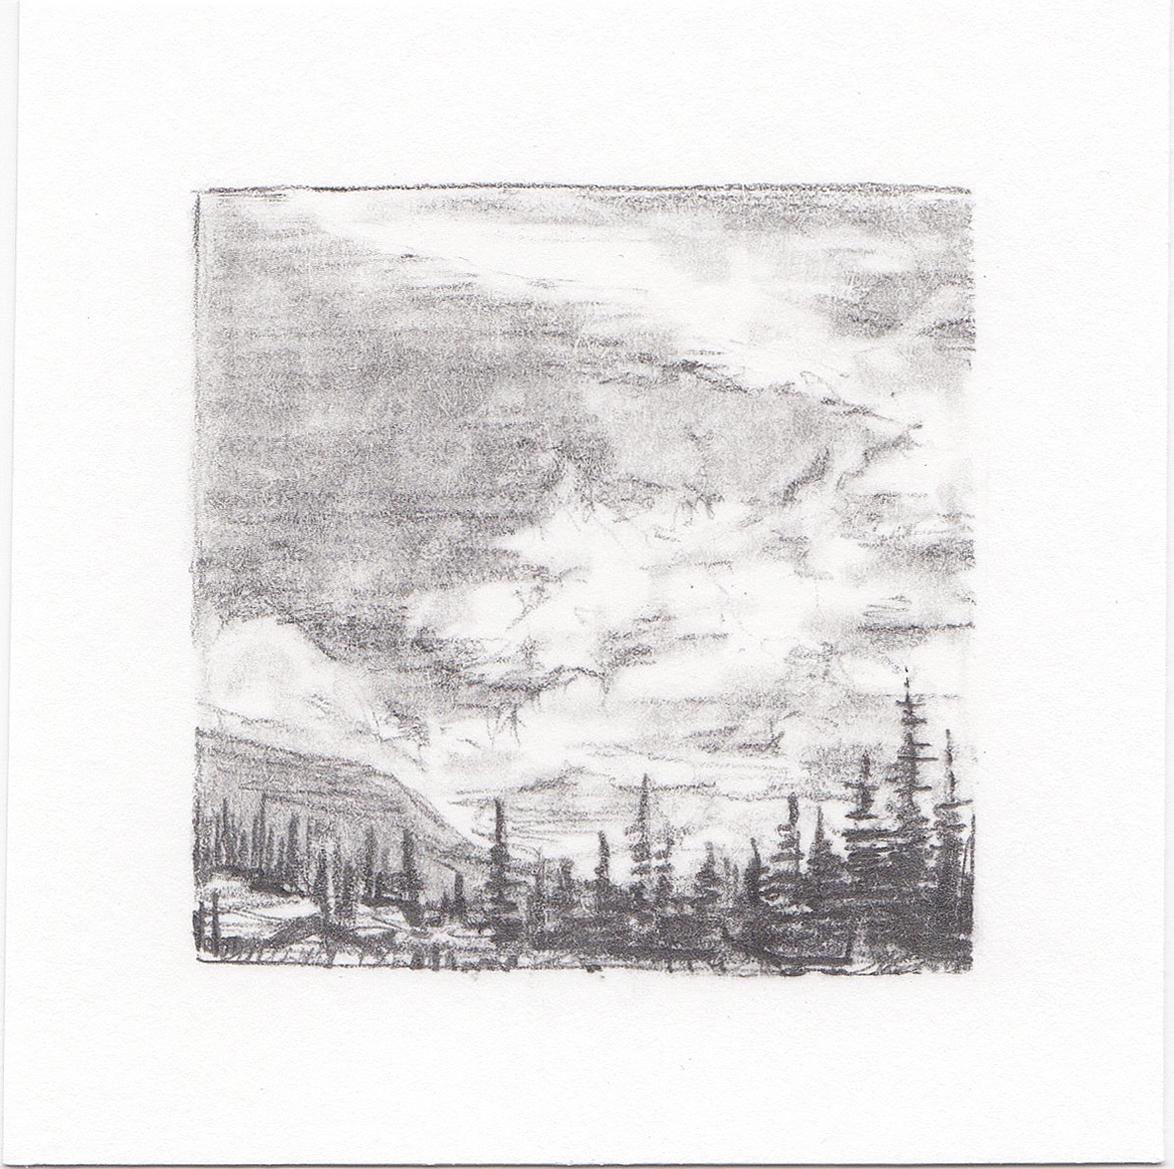 #26 Long Lake, Uinta Mountains, Utah | 3x3 | graphite